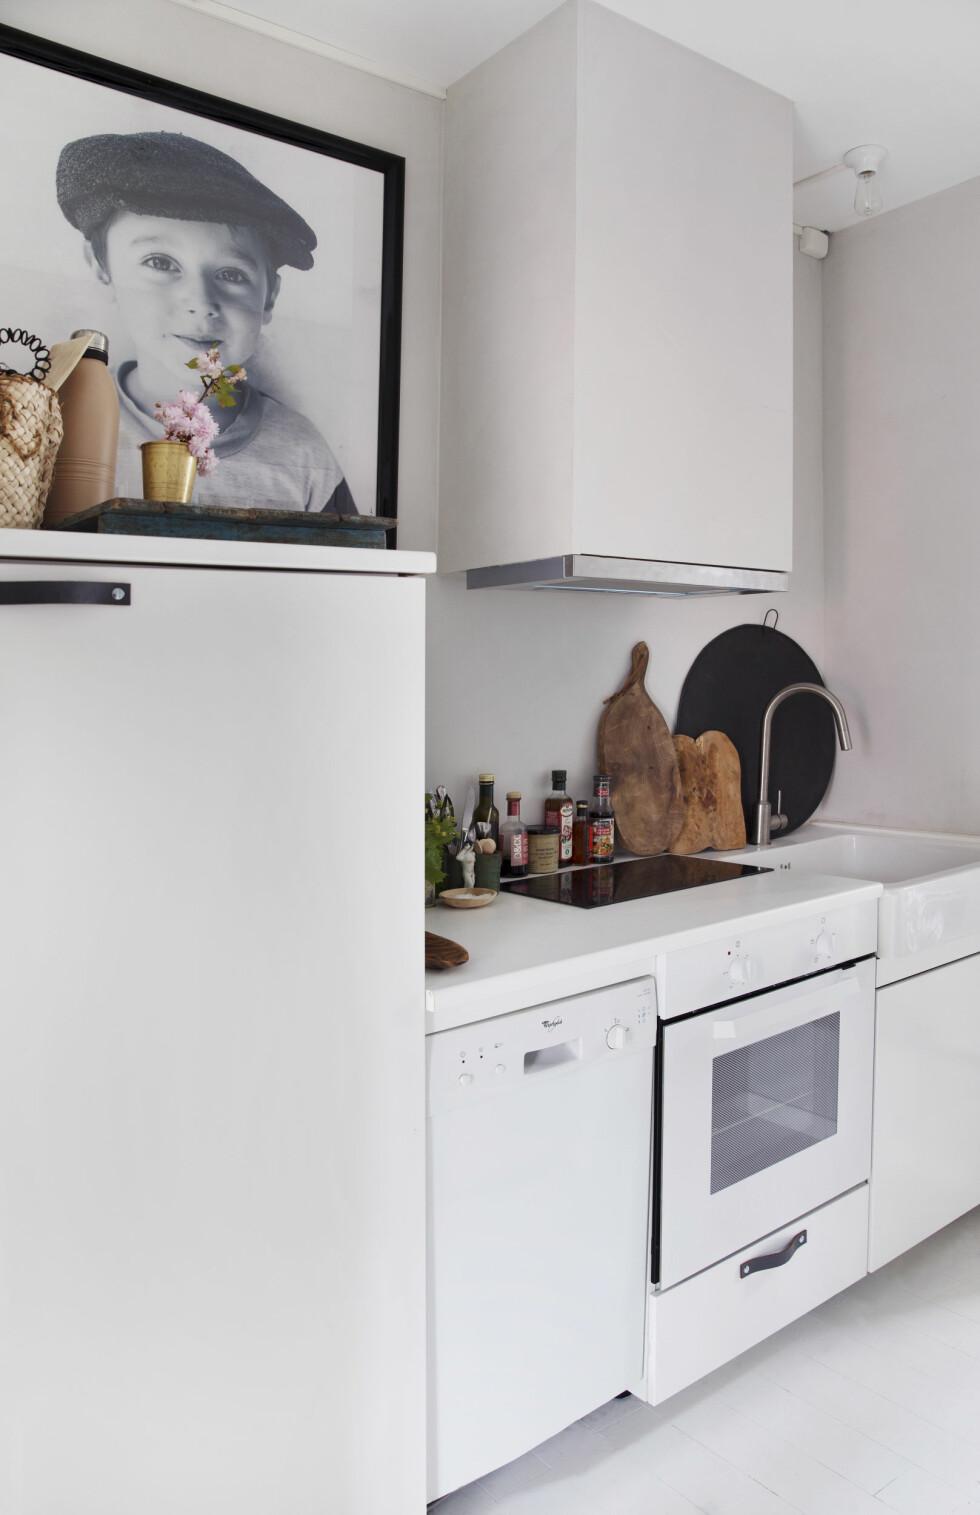 Kjøkkenet er kompakt, men virker større enn det er. Tone synes metallvifter er så kjedelige, så hun fikk kasset inn kjøkkenviften med gipsplater. Skinnhåndtakene på skapdørene er fra BonDep.no. – Skinn er så levende, det blir bare tøffere.  Foto: Yvonne Wilhelmsen